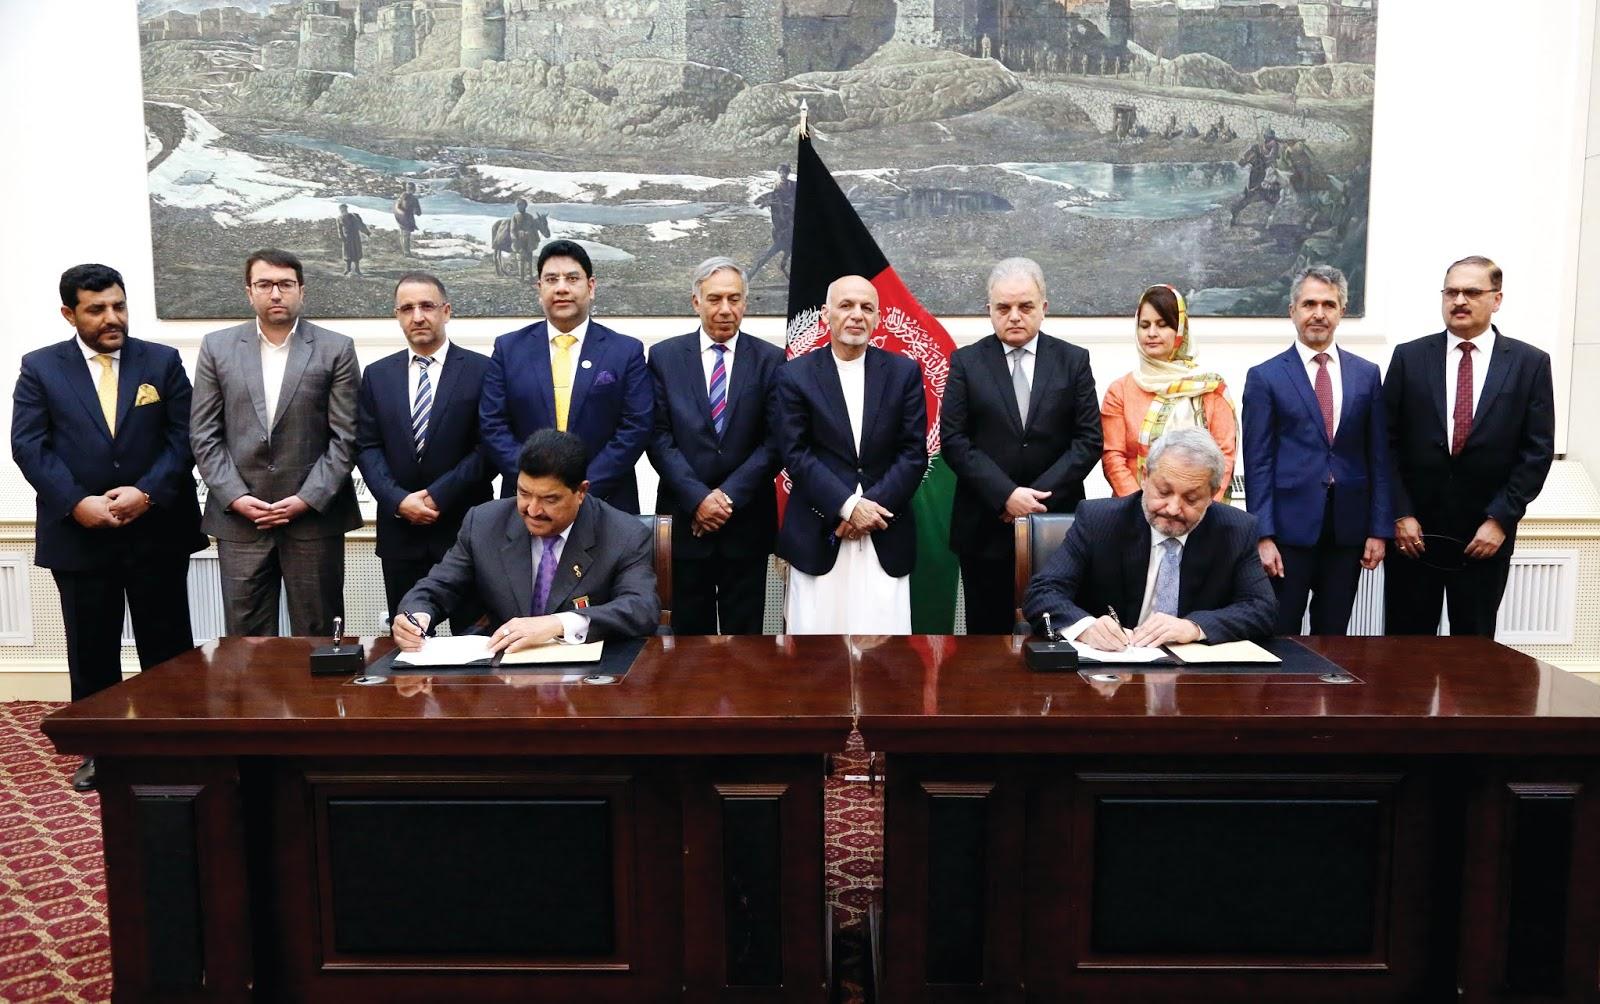 बी आर शेट्टी के नेतृत्व में बीआरएस वेंचर्स ने किया अफगानिस्तान में प्रवेश